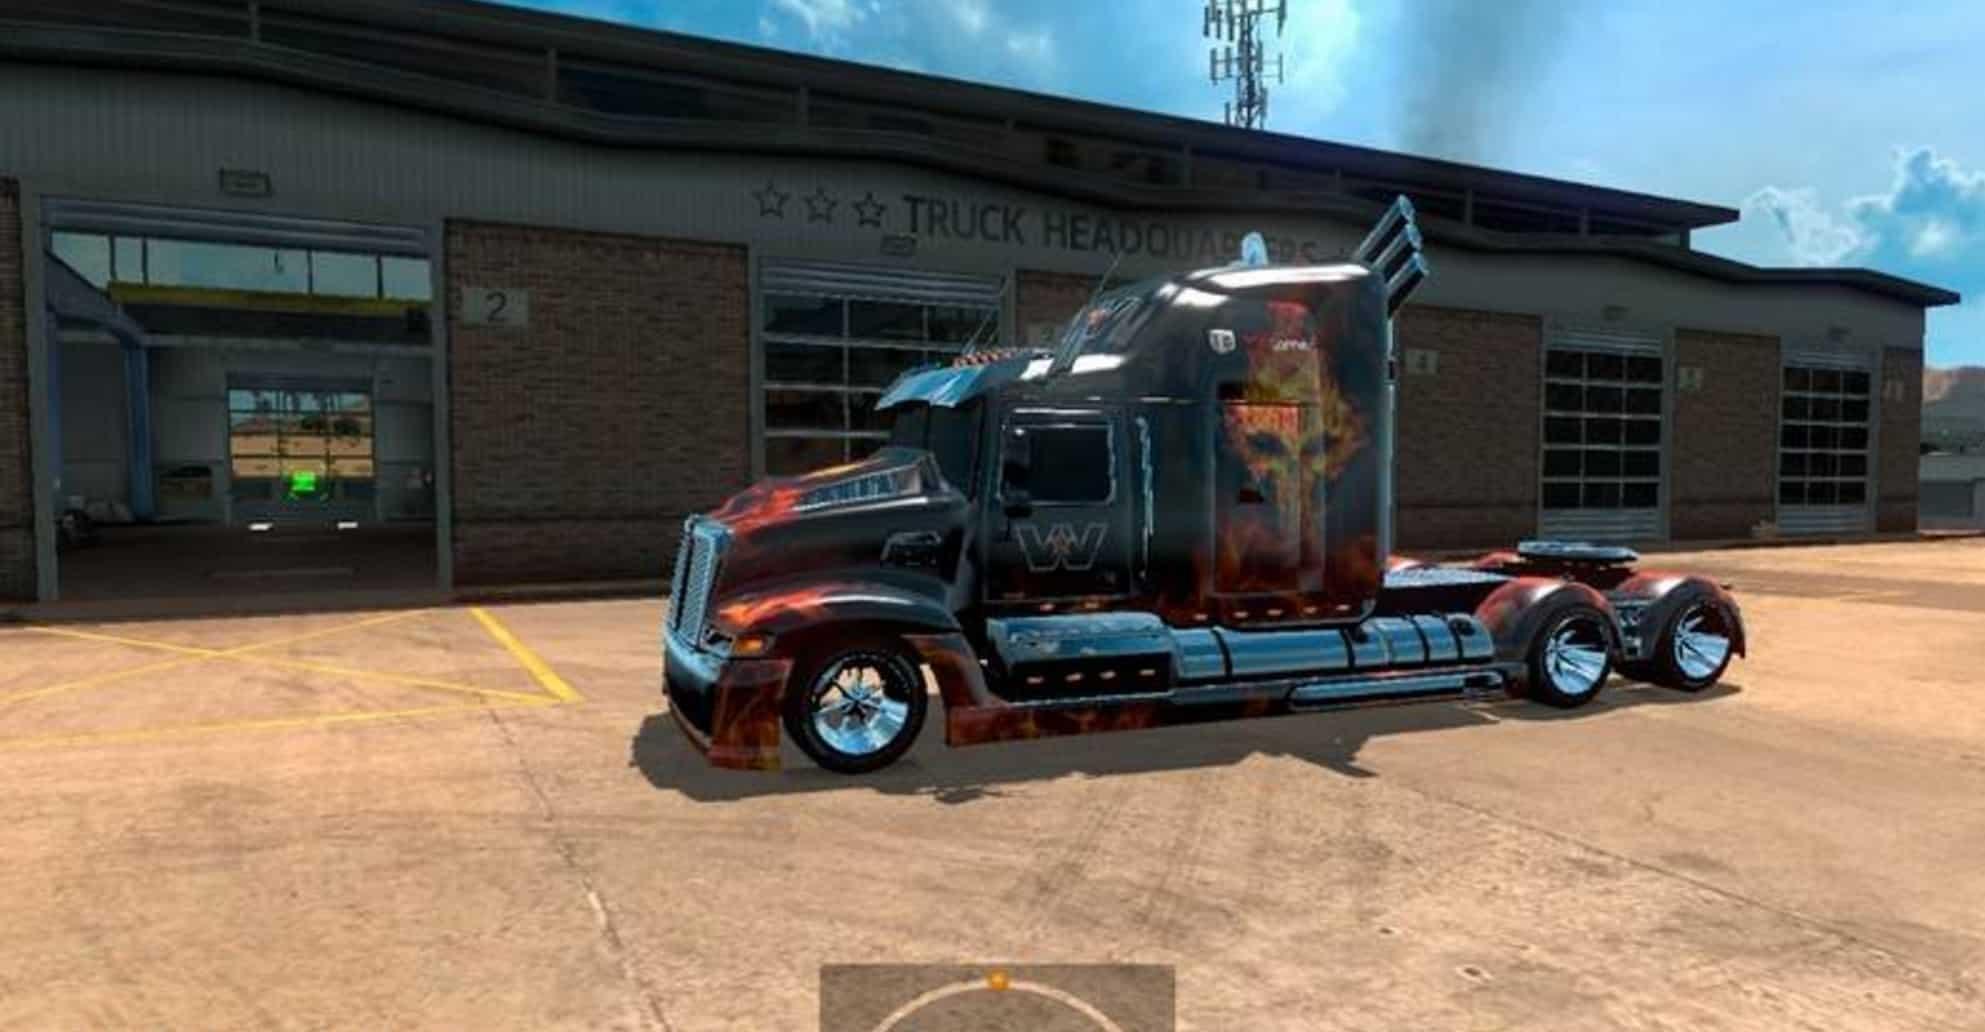 Western Star 5700 >> Western Star 5700 v 1 Truck - American Truck Simulator mod | ATS mod